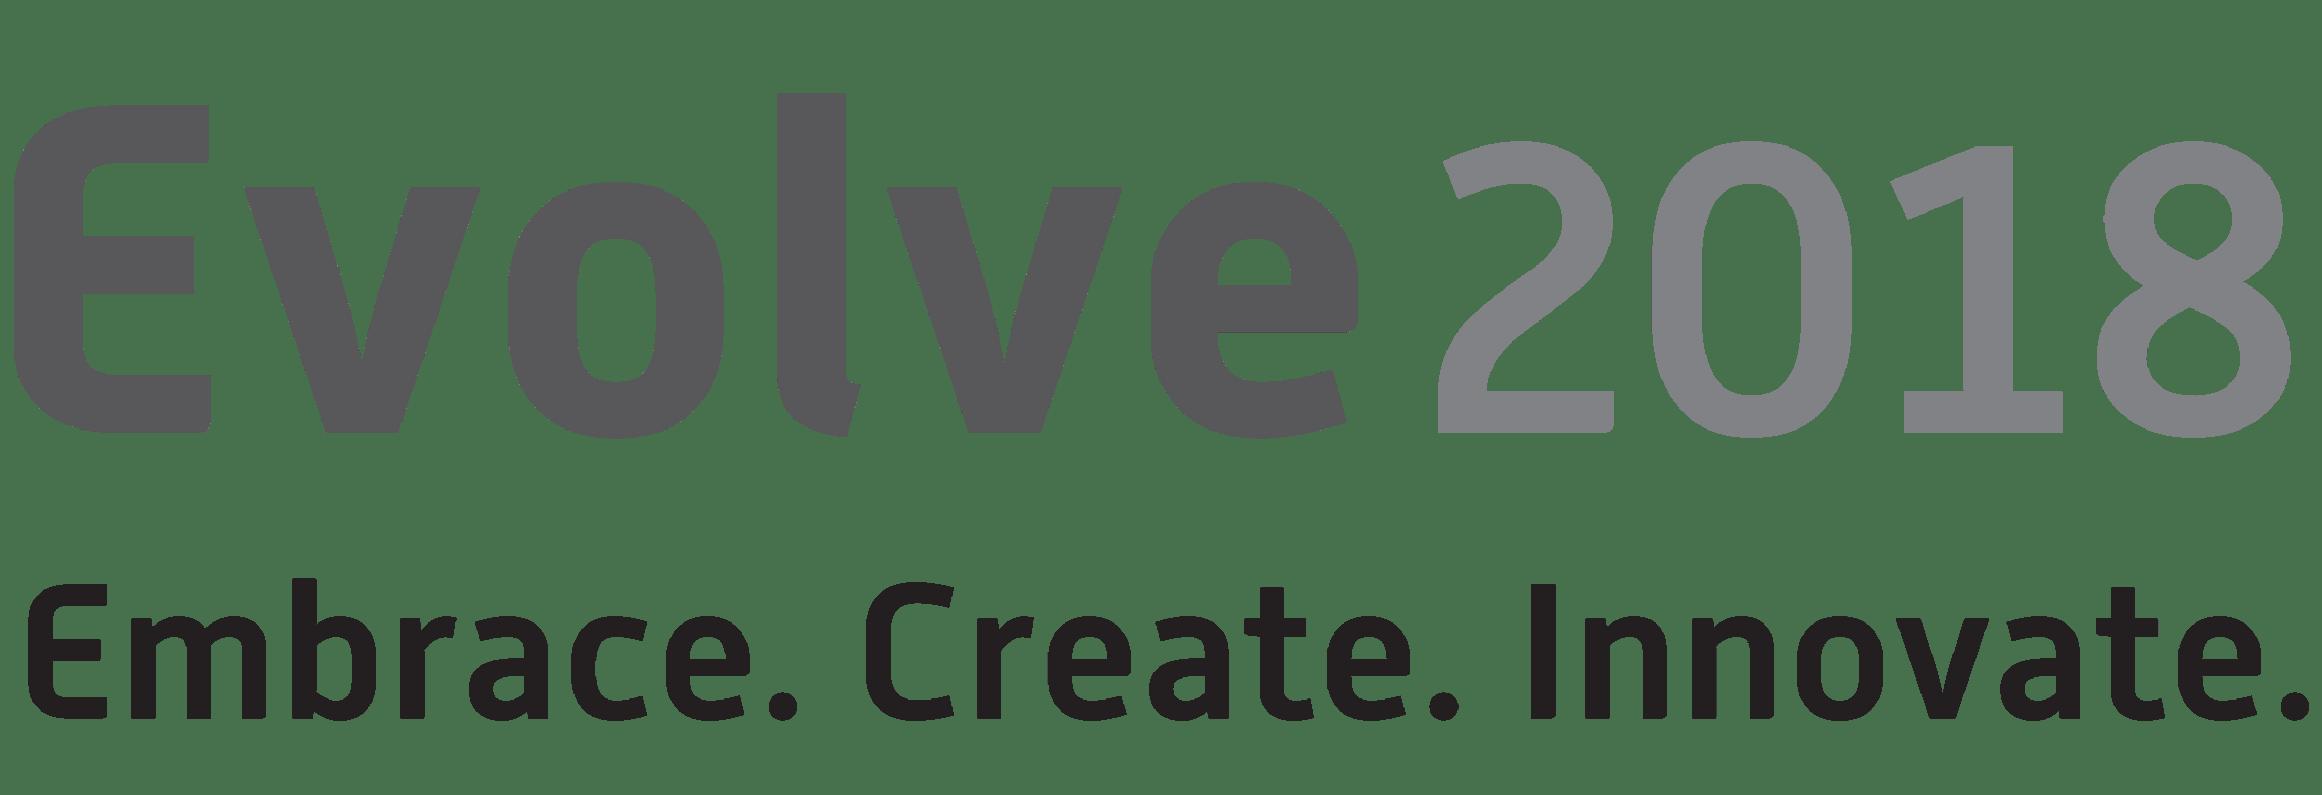 Industry Leader, B2BGateway, is Showcasing Their EDI & API